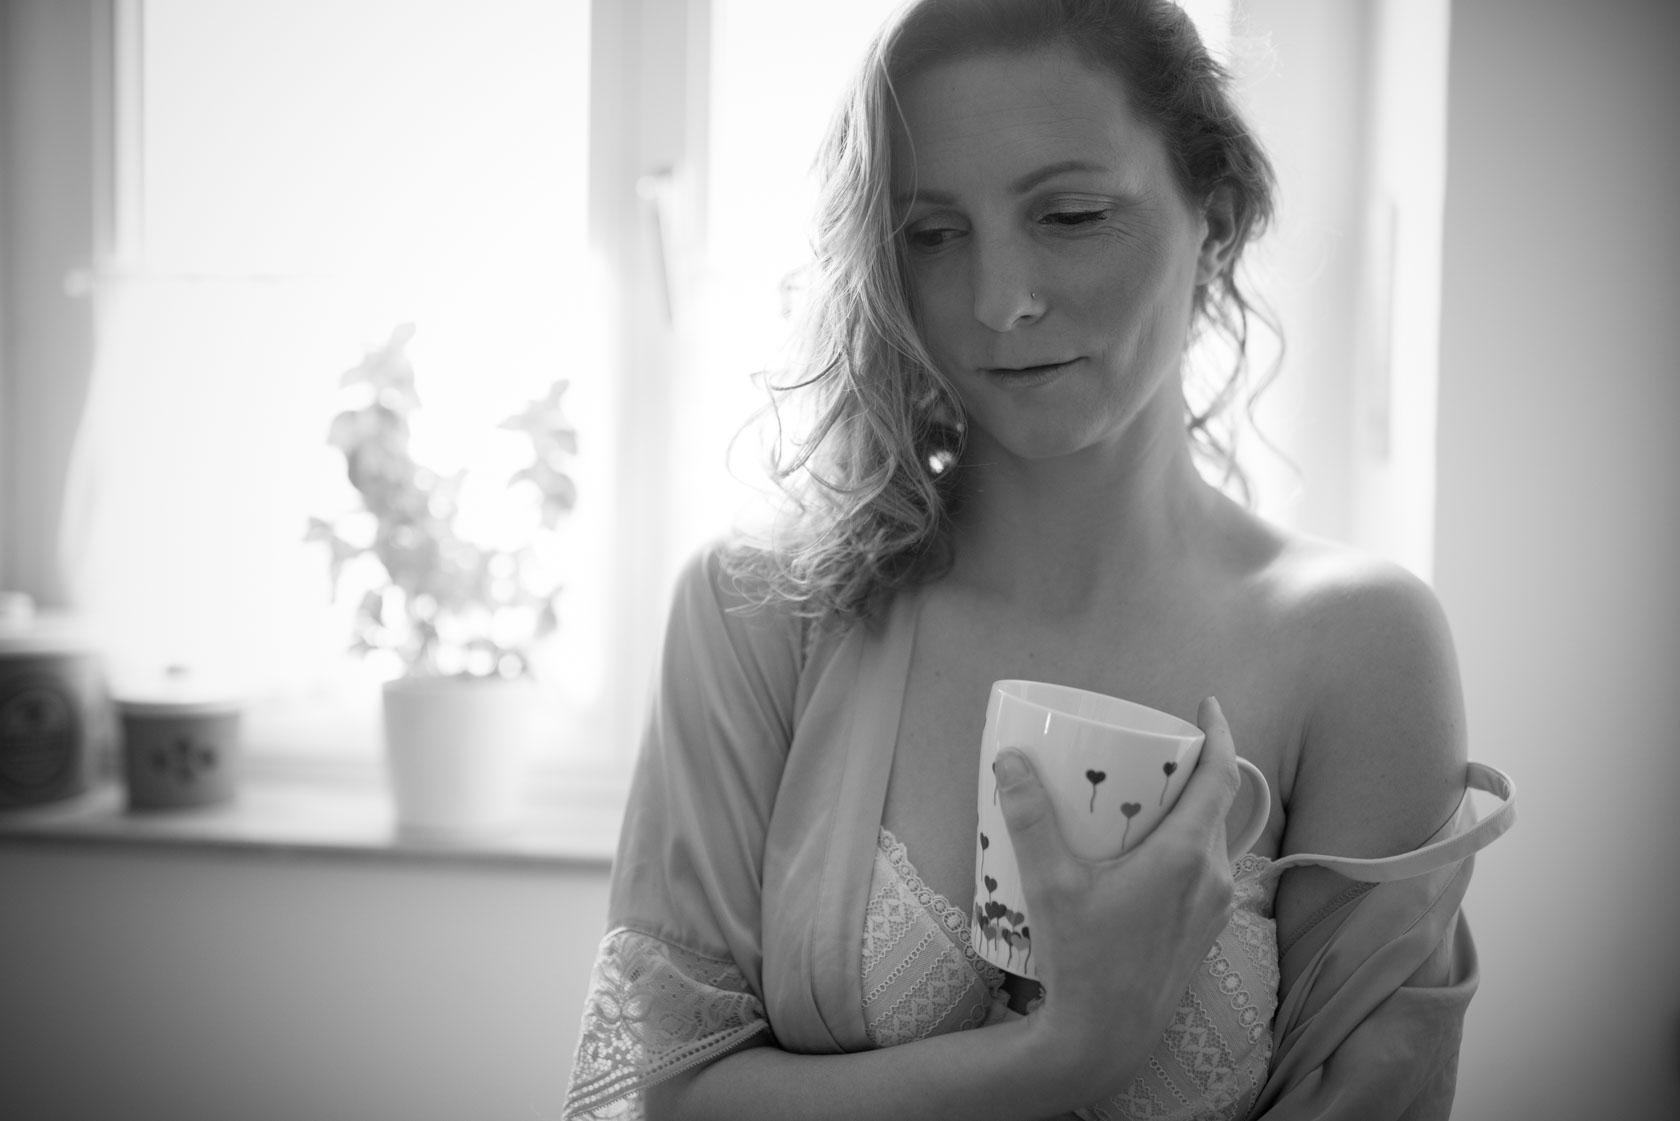 https://www.stefanhill.net/wp-content/uploads/2017/06/Sinnliches-Boudoir-Fotoshooting-mit-Barbara-in-Stuttgart_0004.jpg